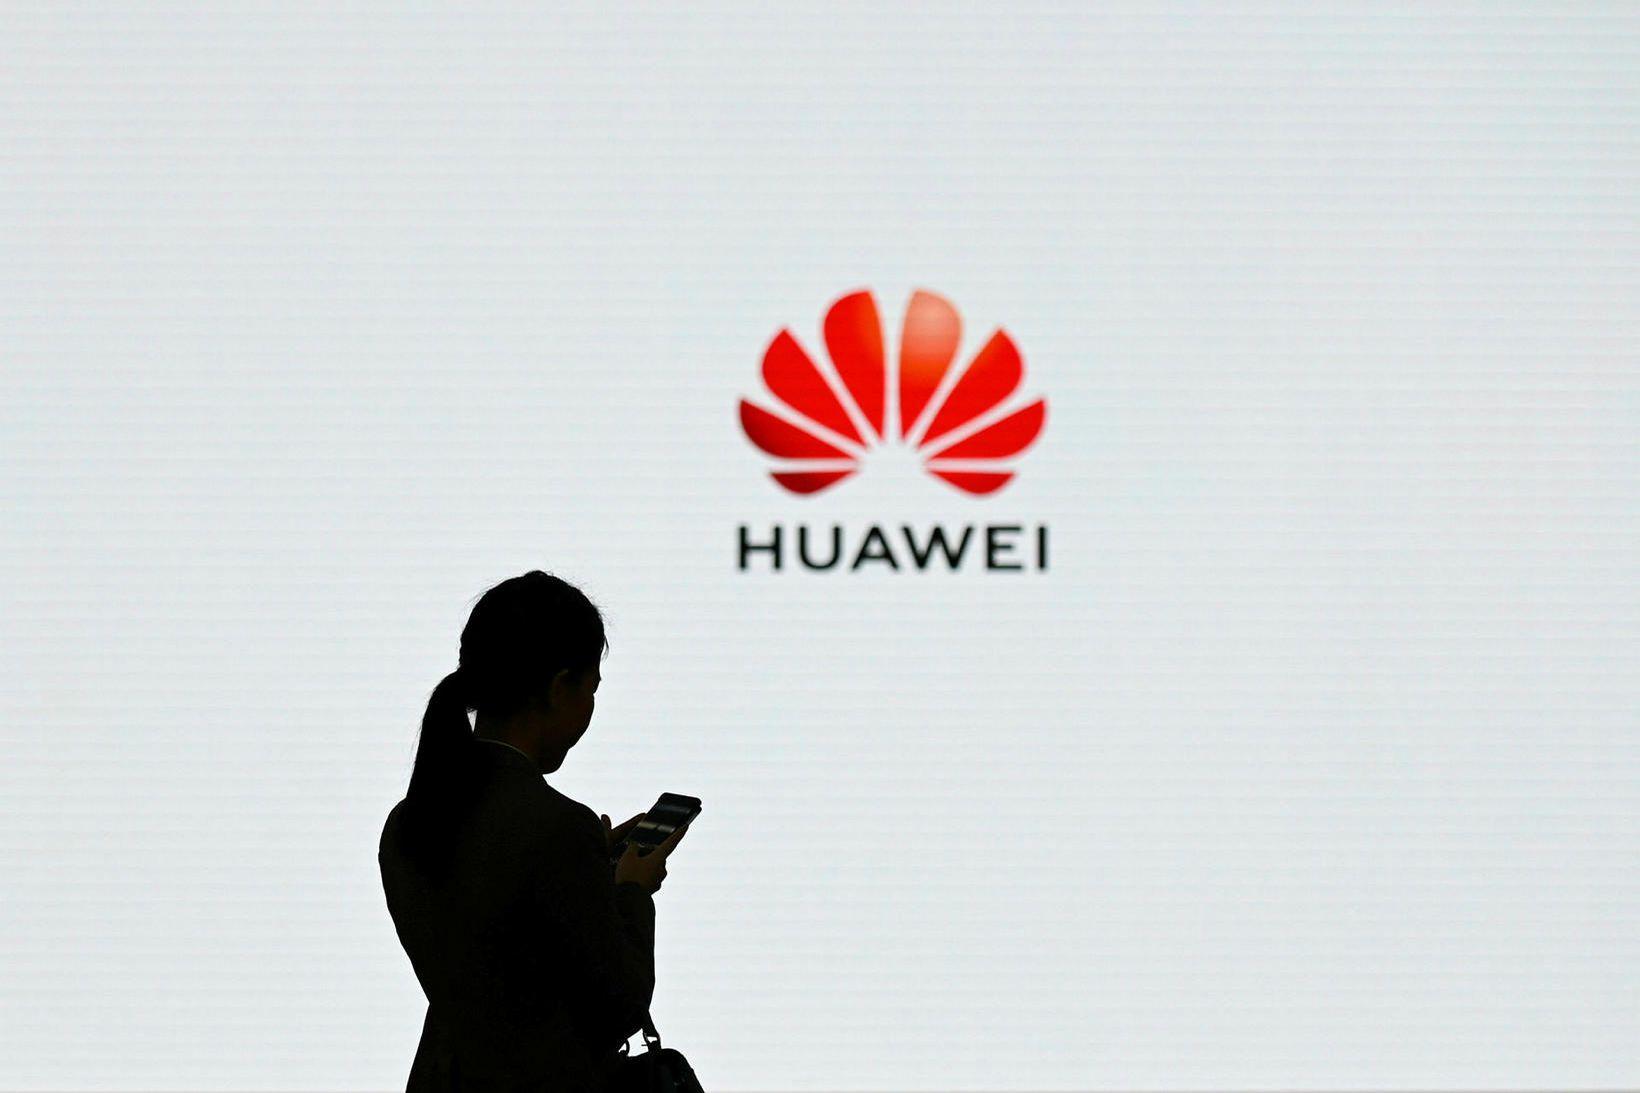 Ástralía, Japan og Bretland hafa ákveðið að takmarka aðkomu Huawei …